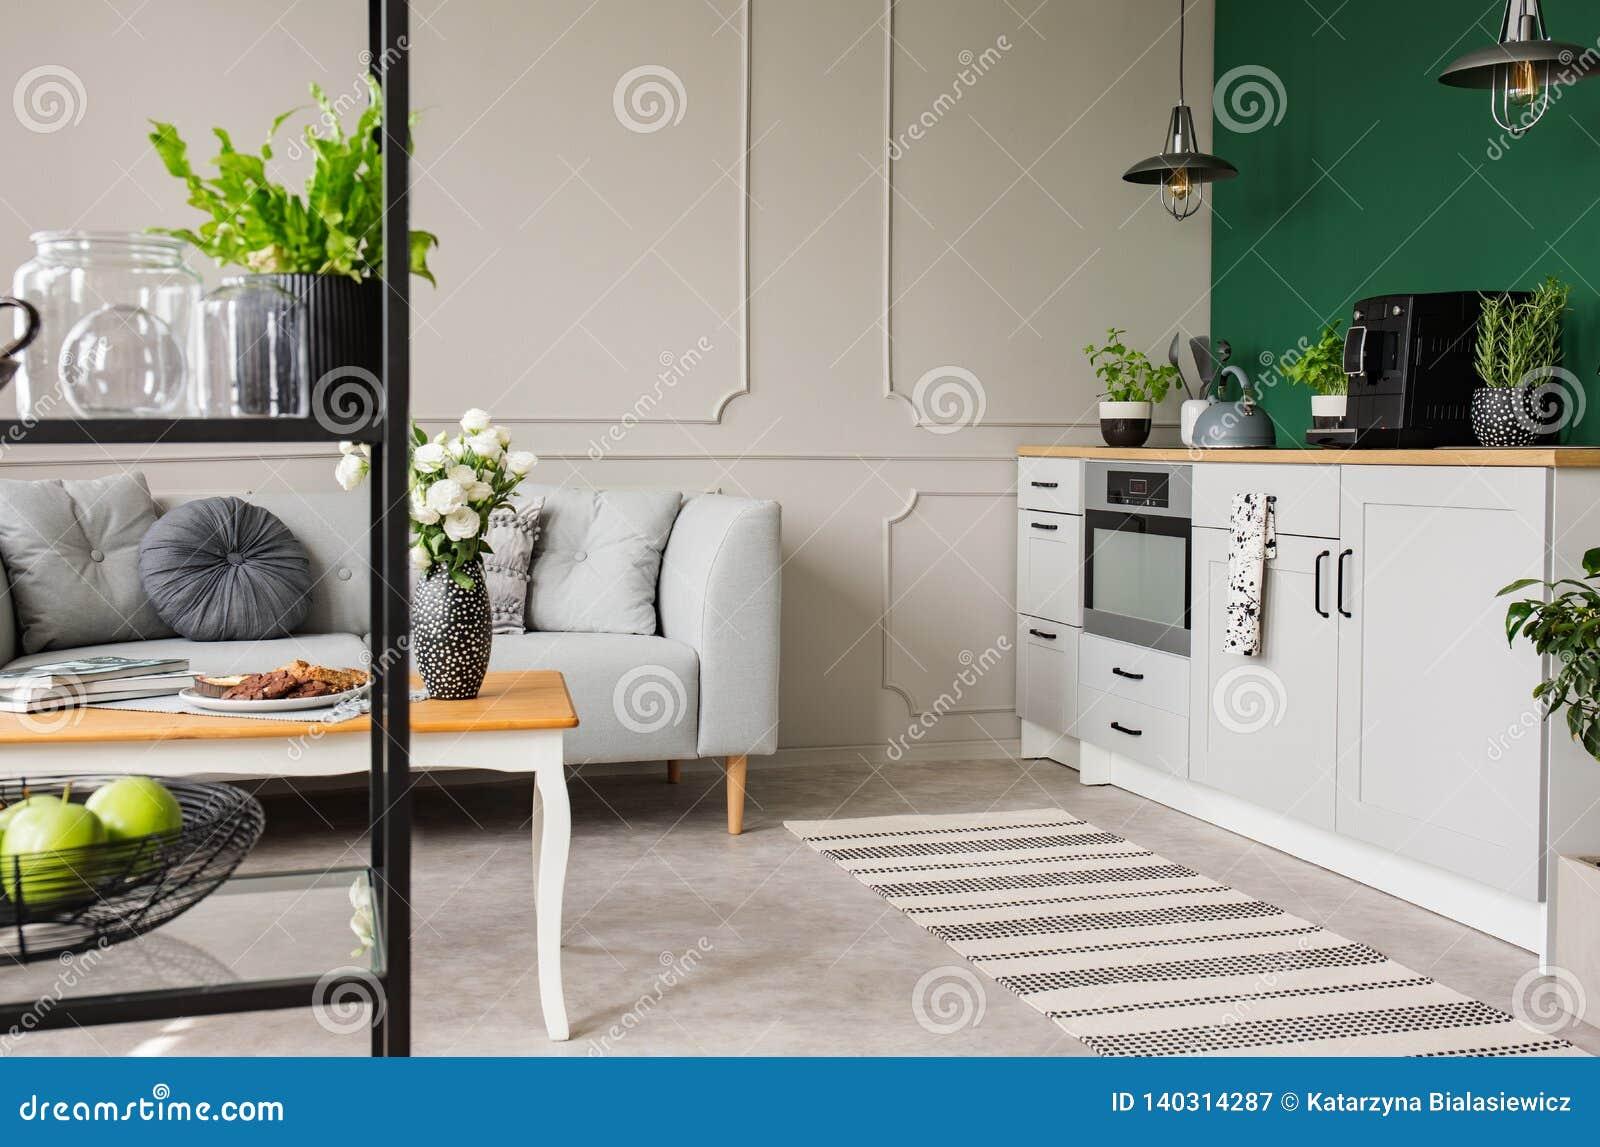 Lege groene muur met exemplaarruimte in elegante keuken met witte meubilair, installaties en koffiemachine in modieus flatje met